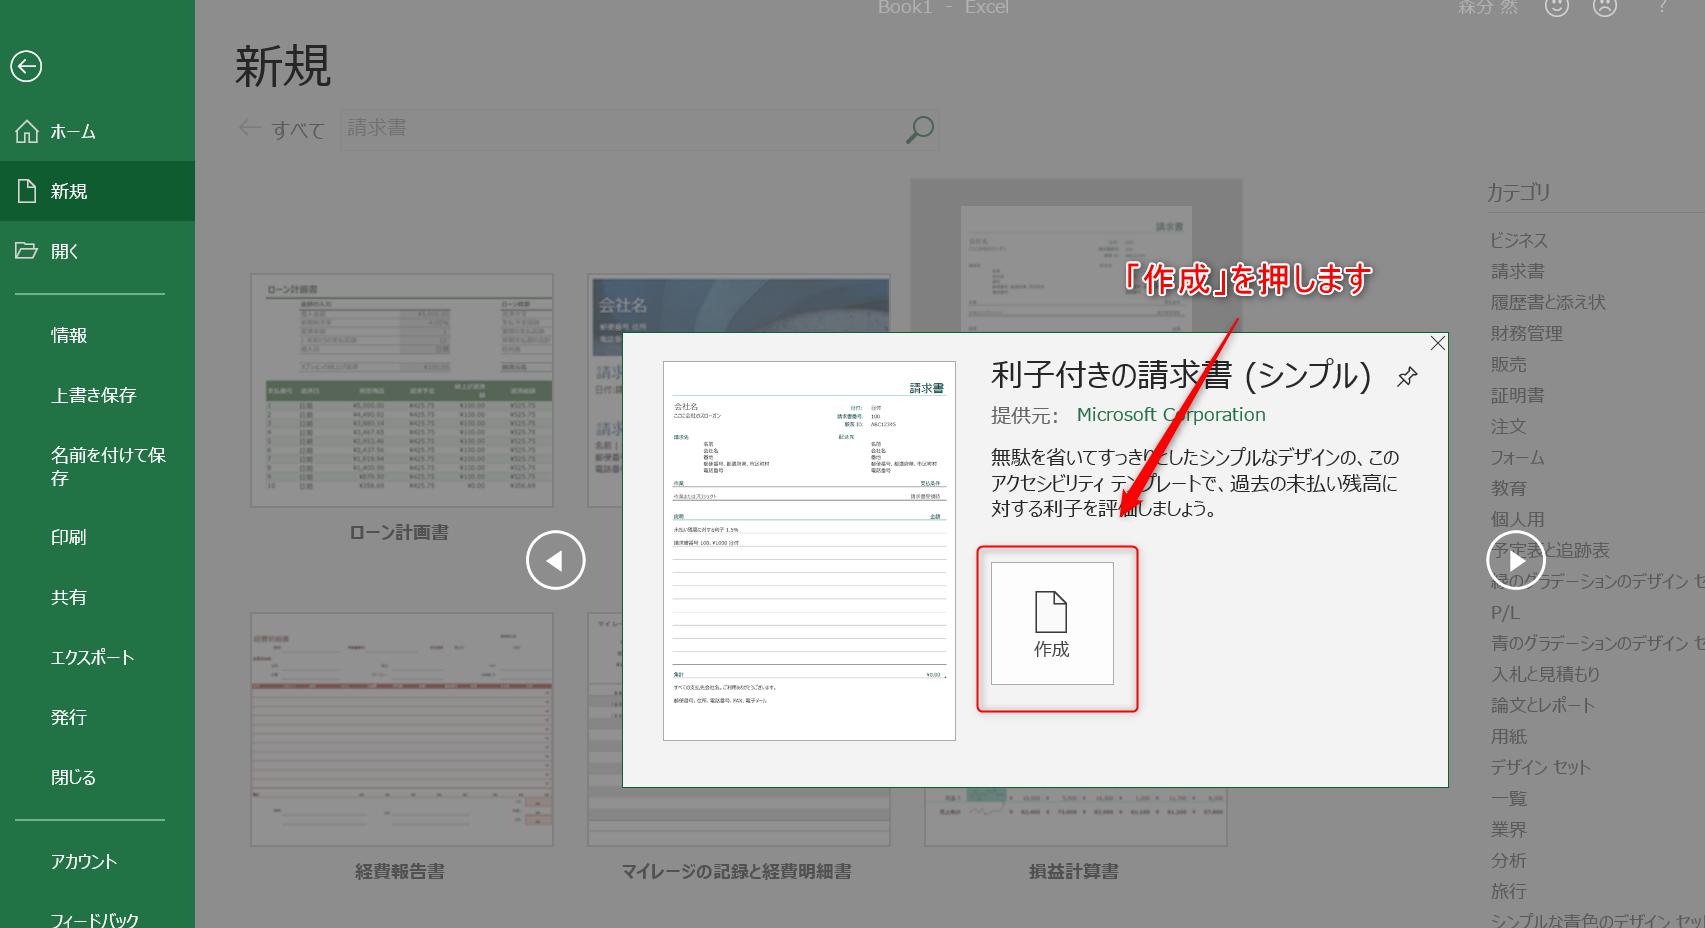 作成ボタンの場所を示しているエクセルの画像